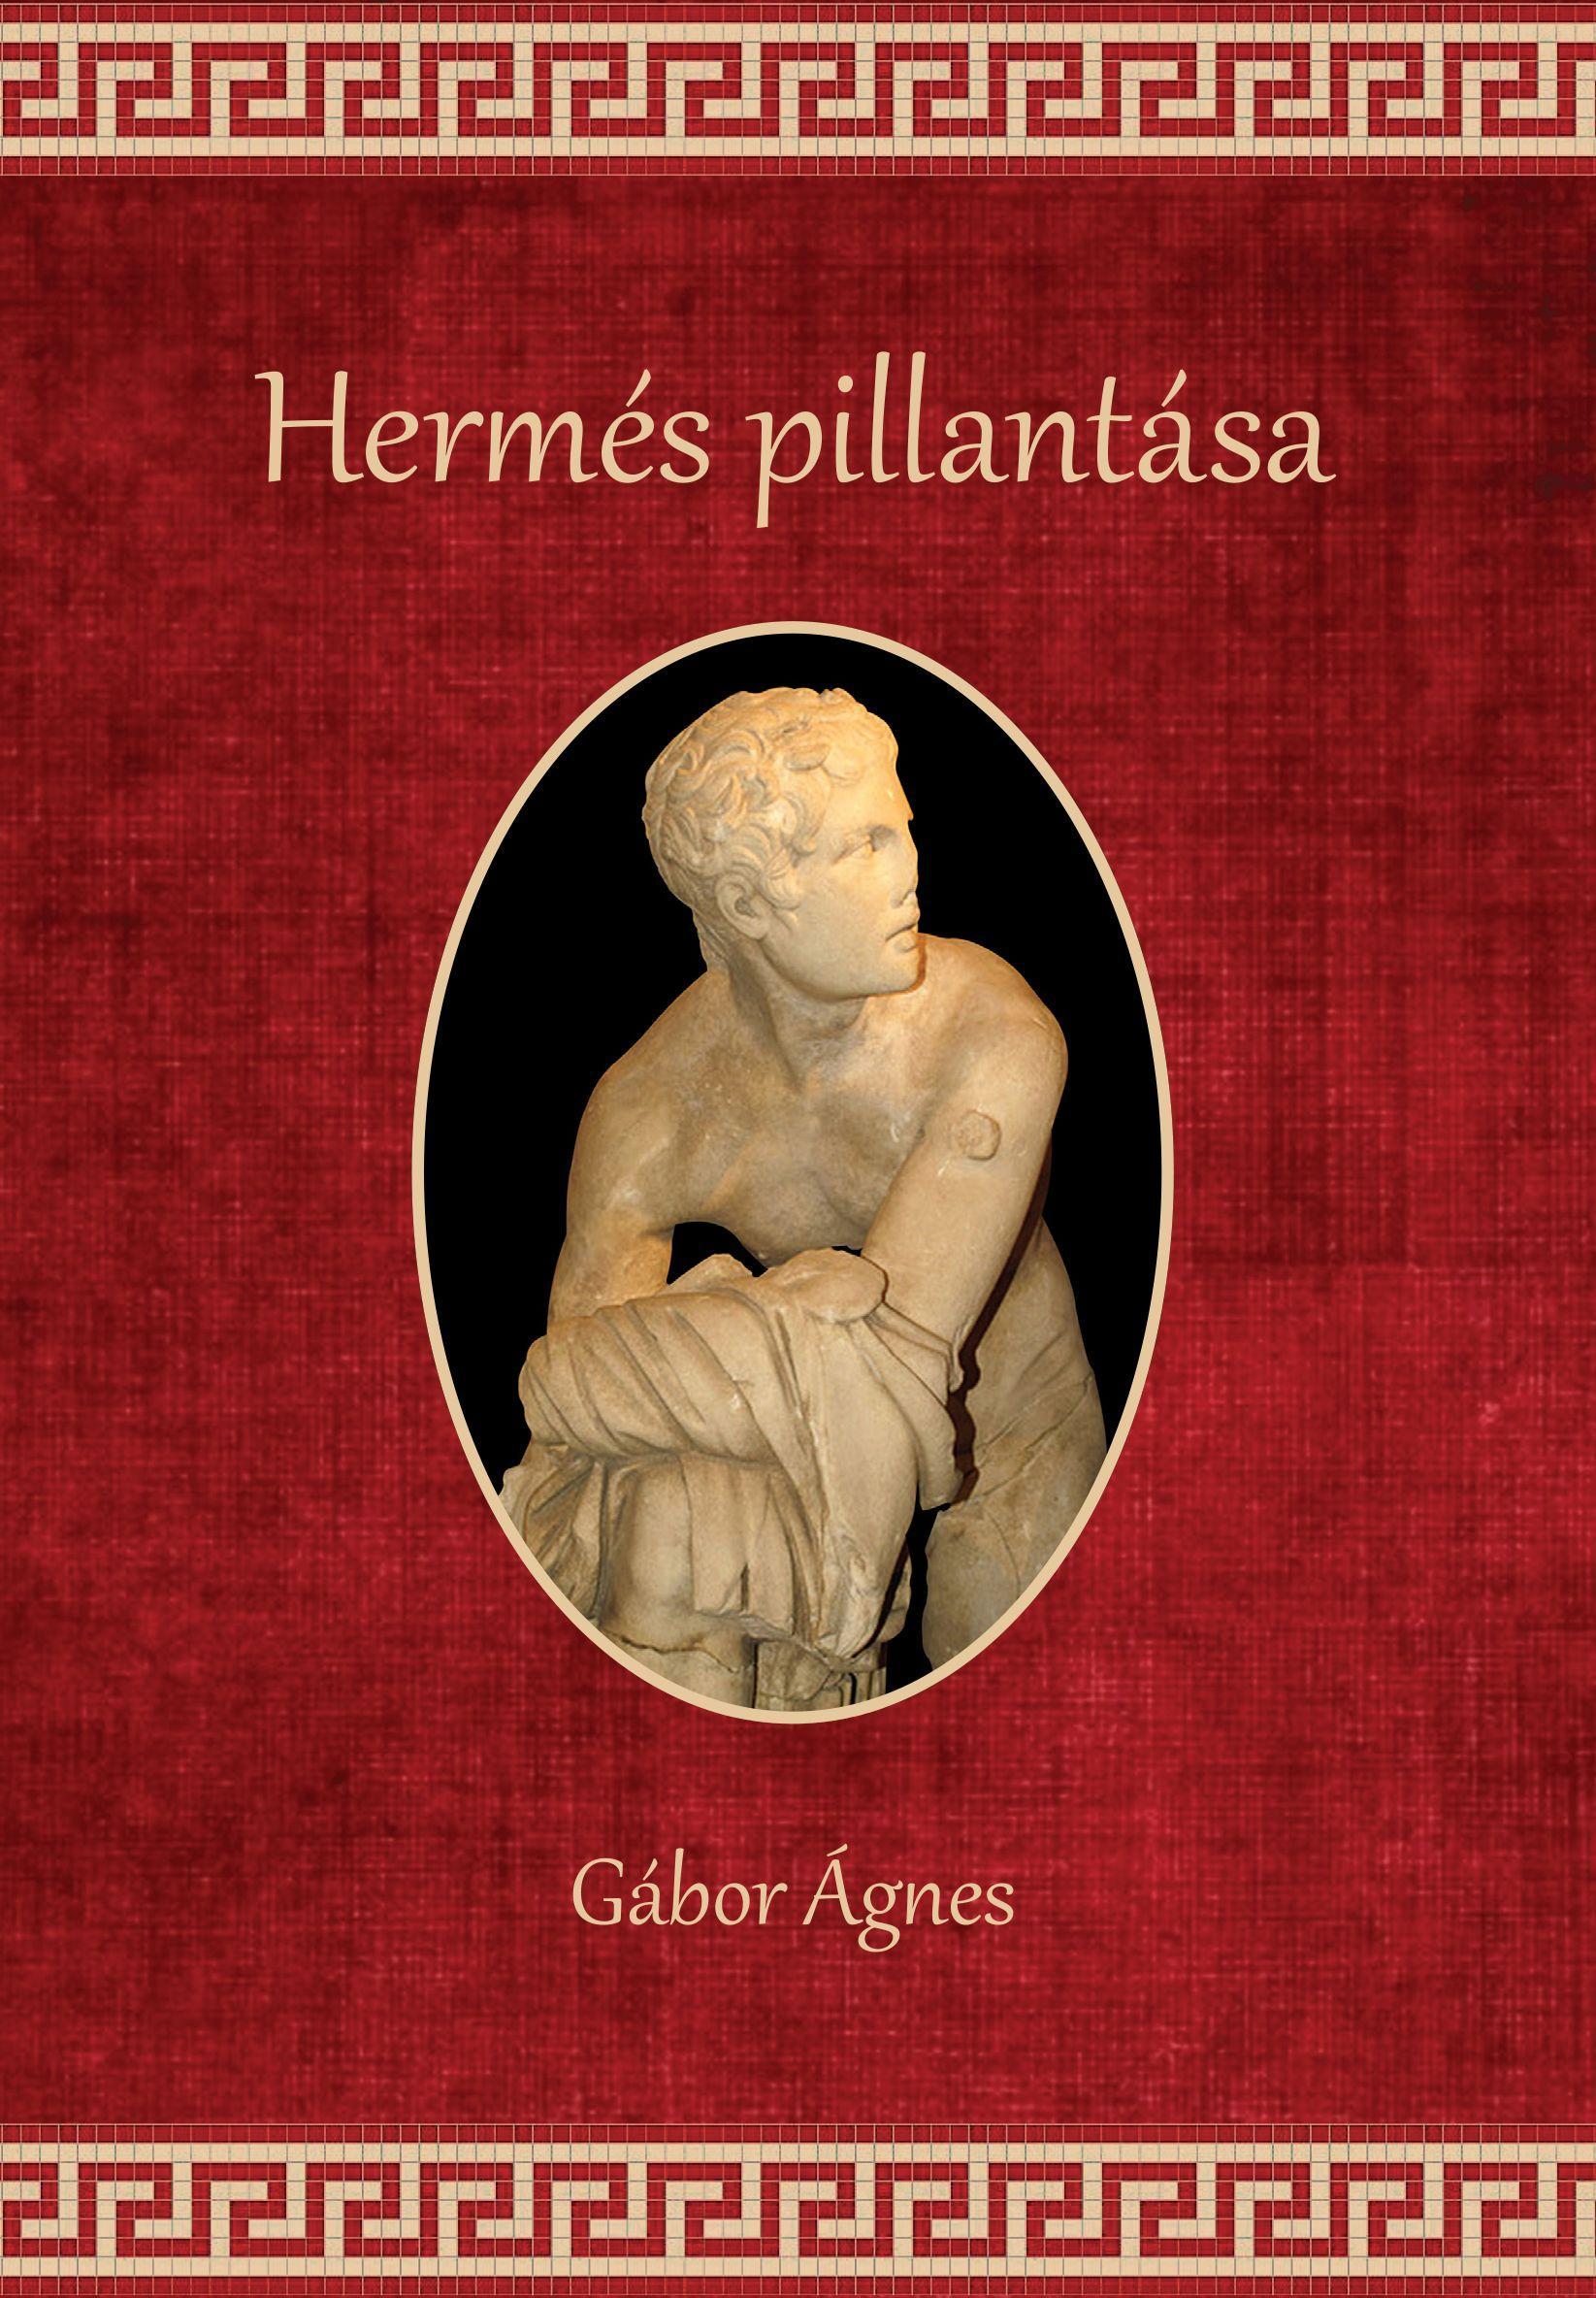 HERMÉS PILLANTÁSA